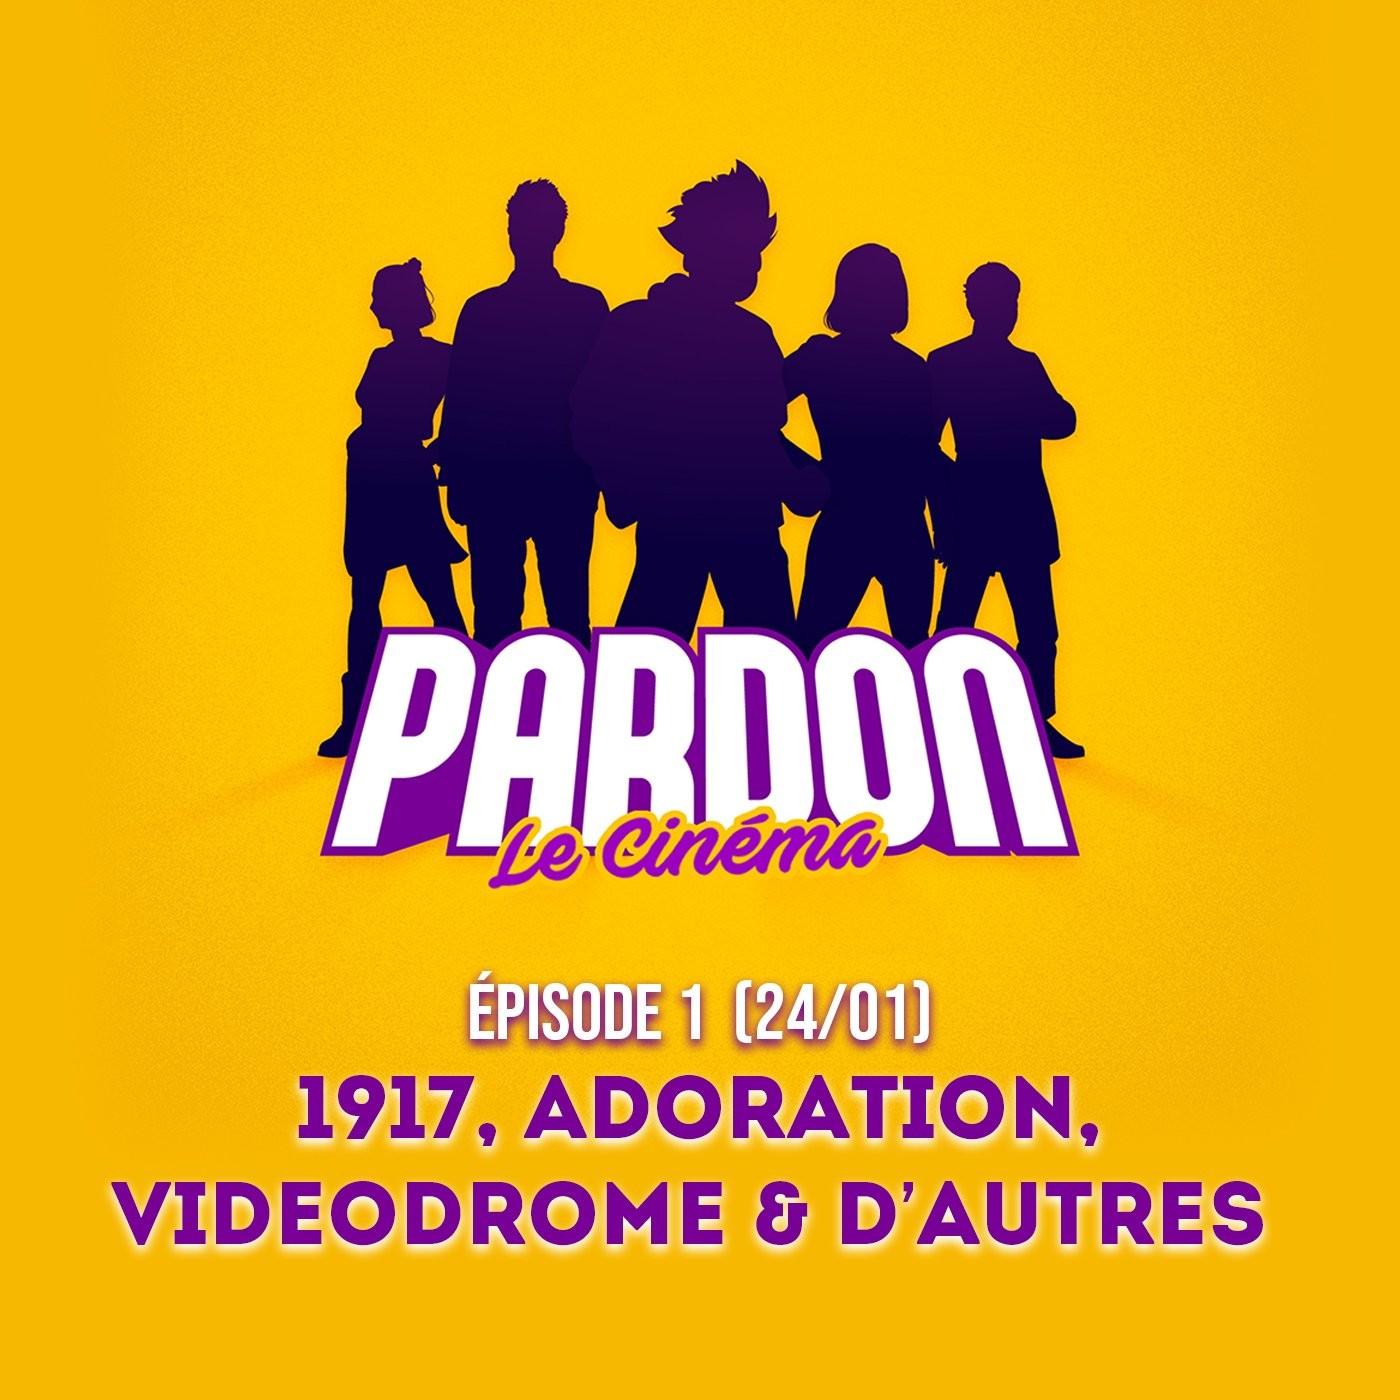 EP.1 - 1917, ADORATION, VIDEODROME (& d'autres...)